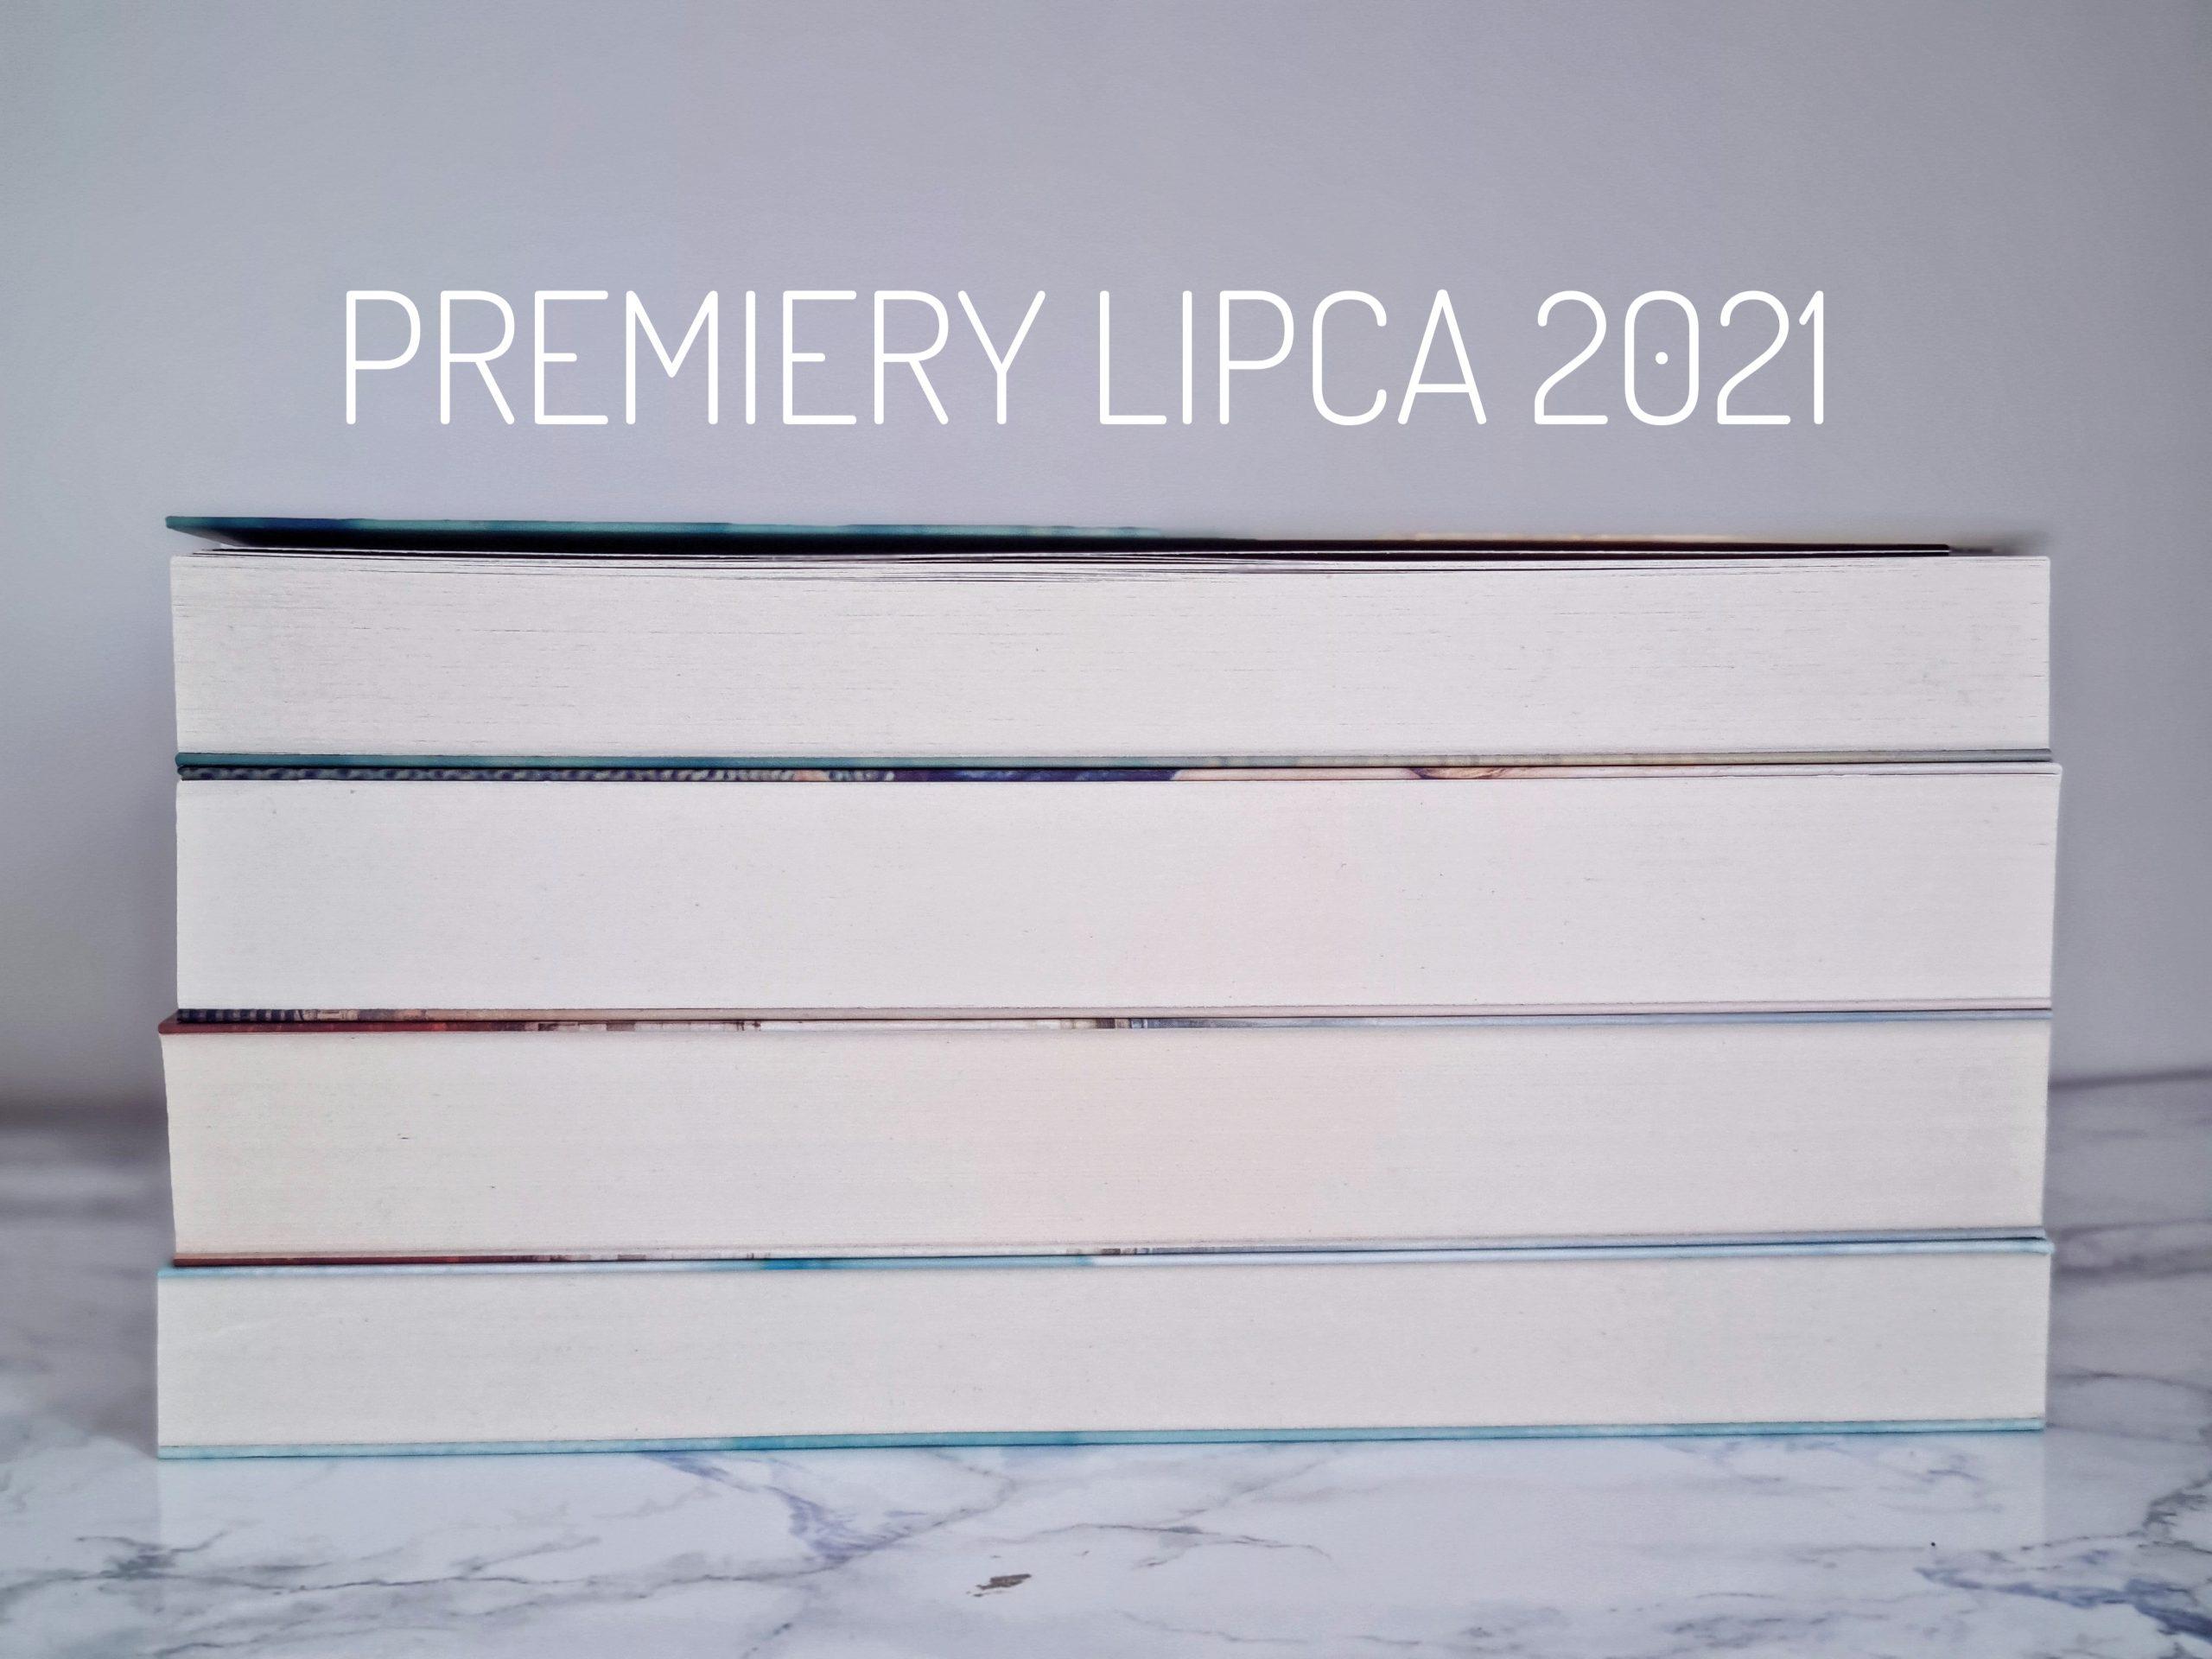 Trzy premiery lipca 2021 warte uwagi